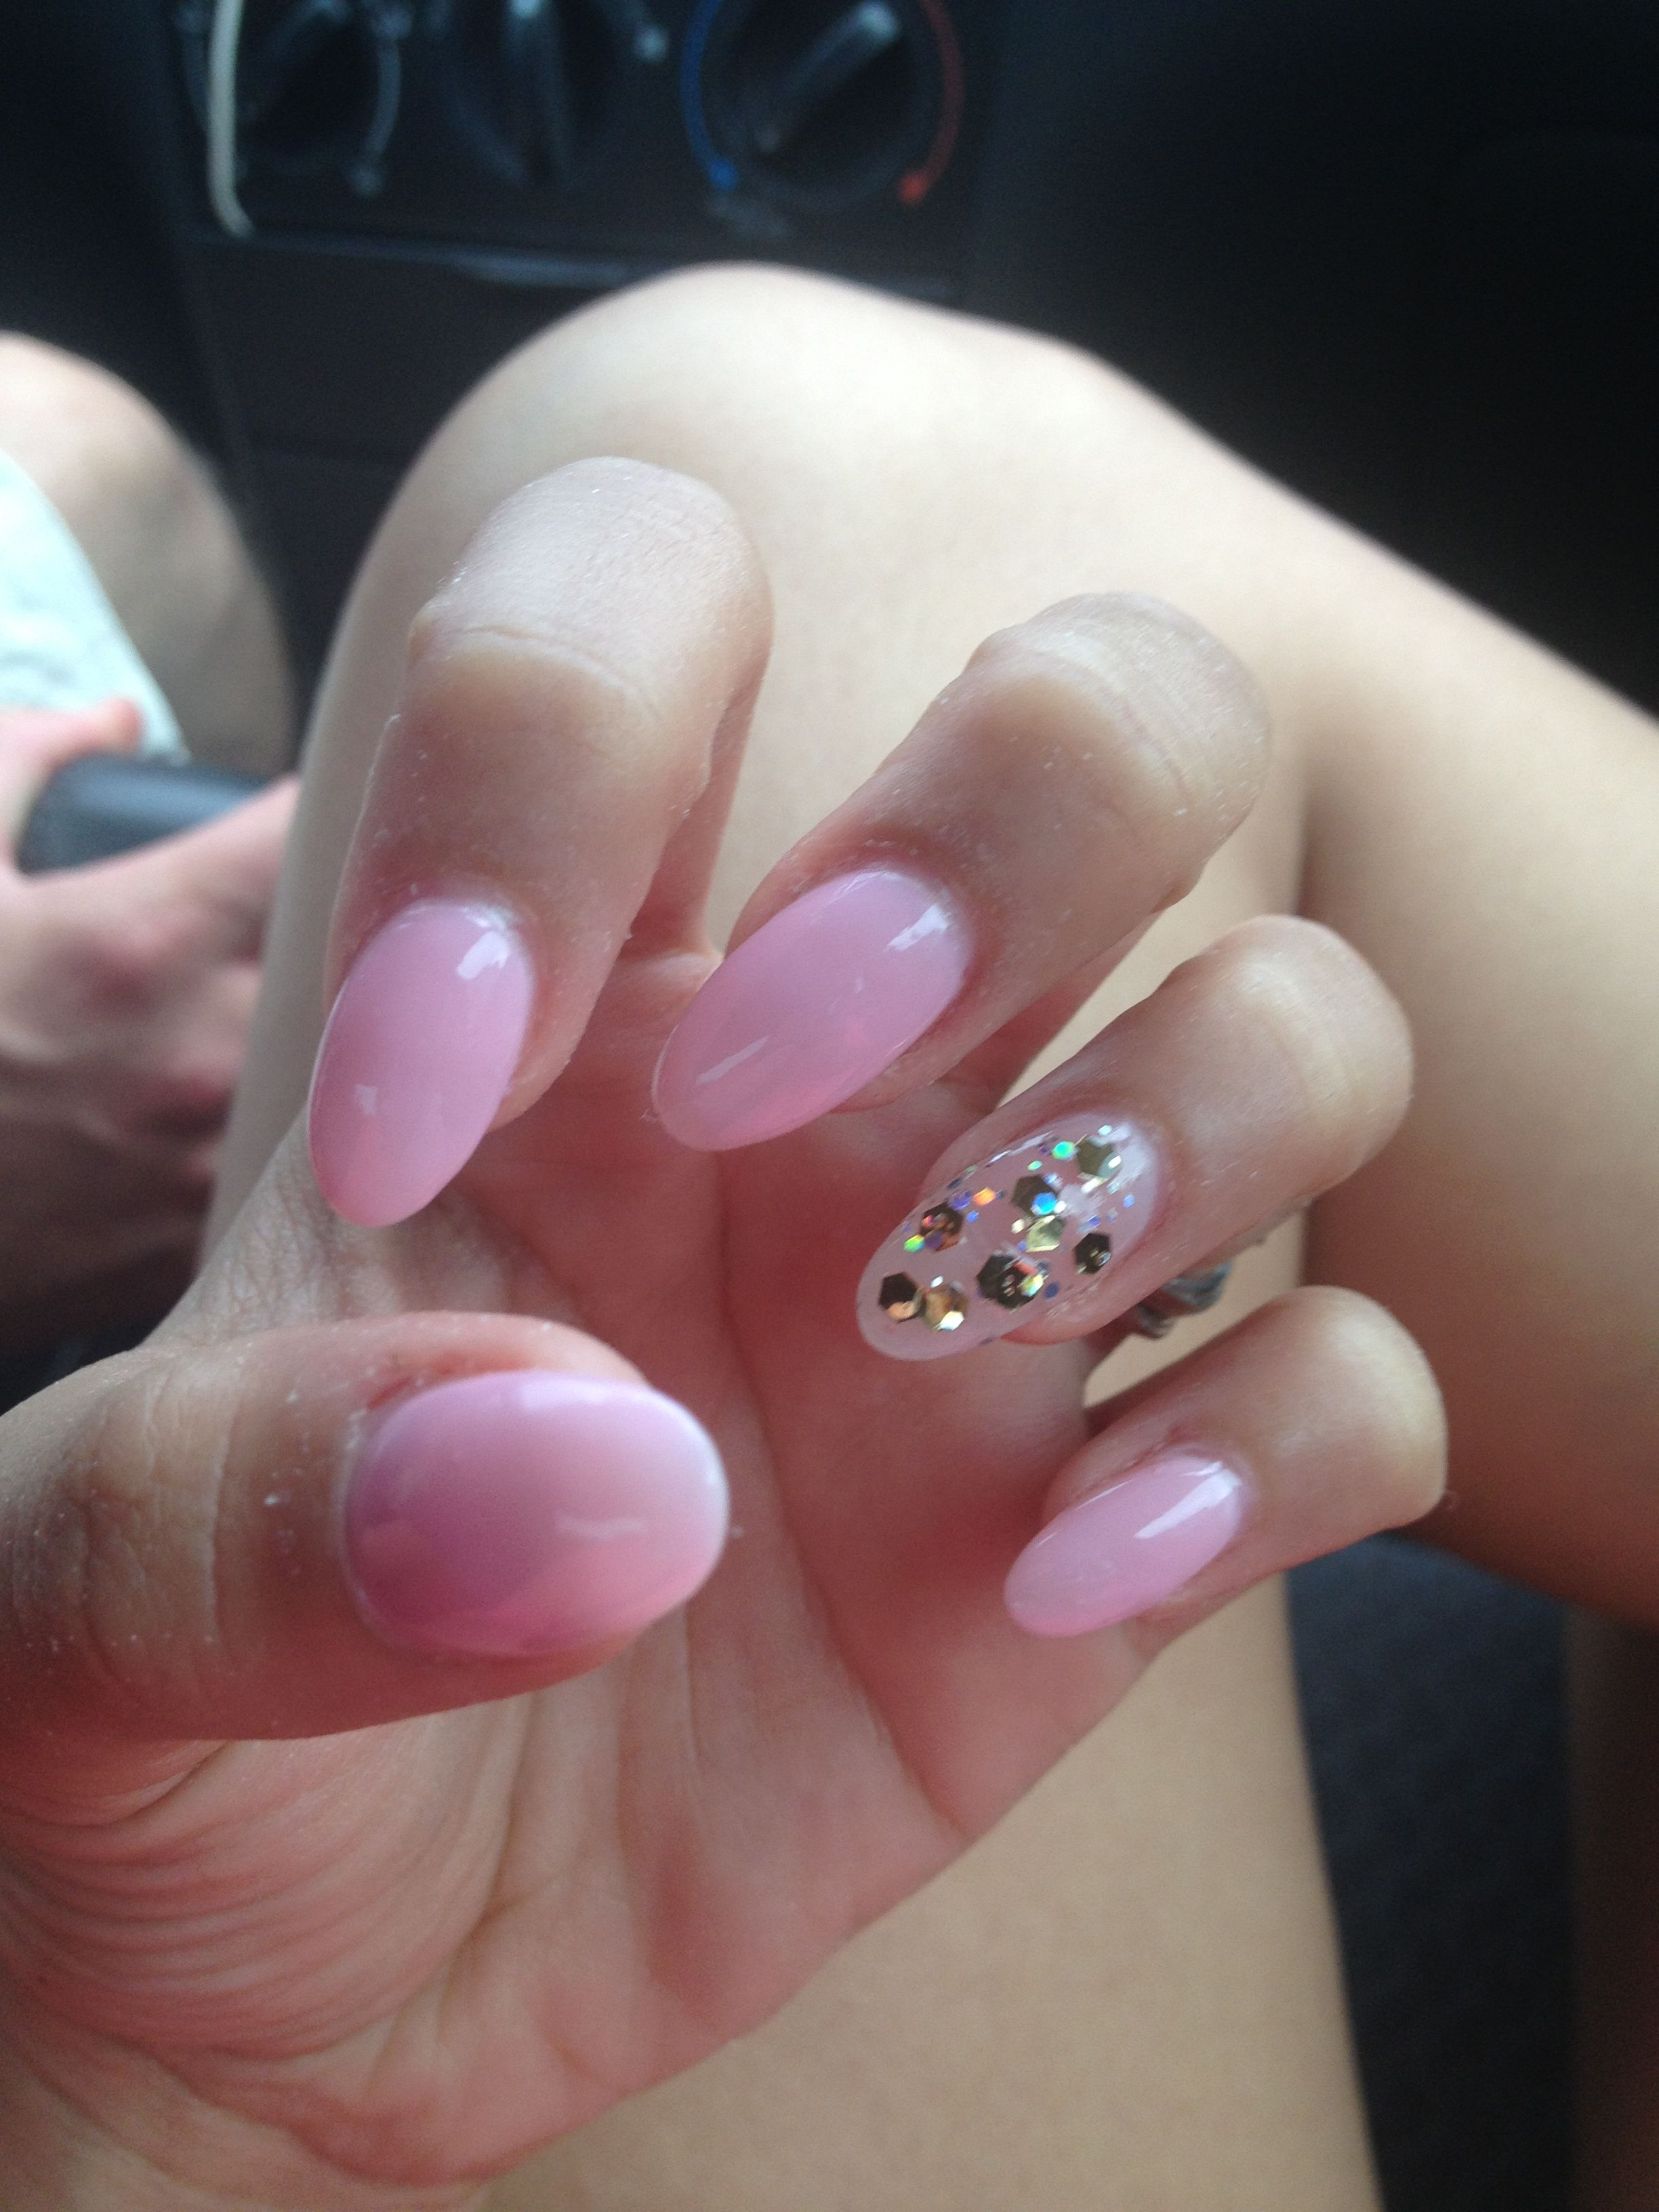 Stiletto nails | Nails | Pinterest